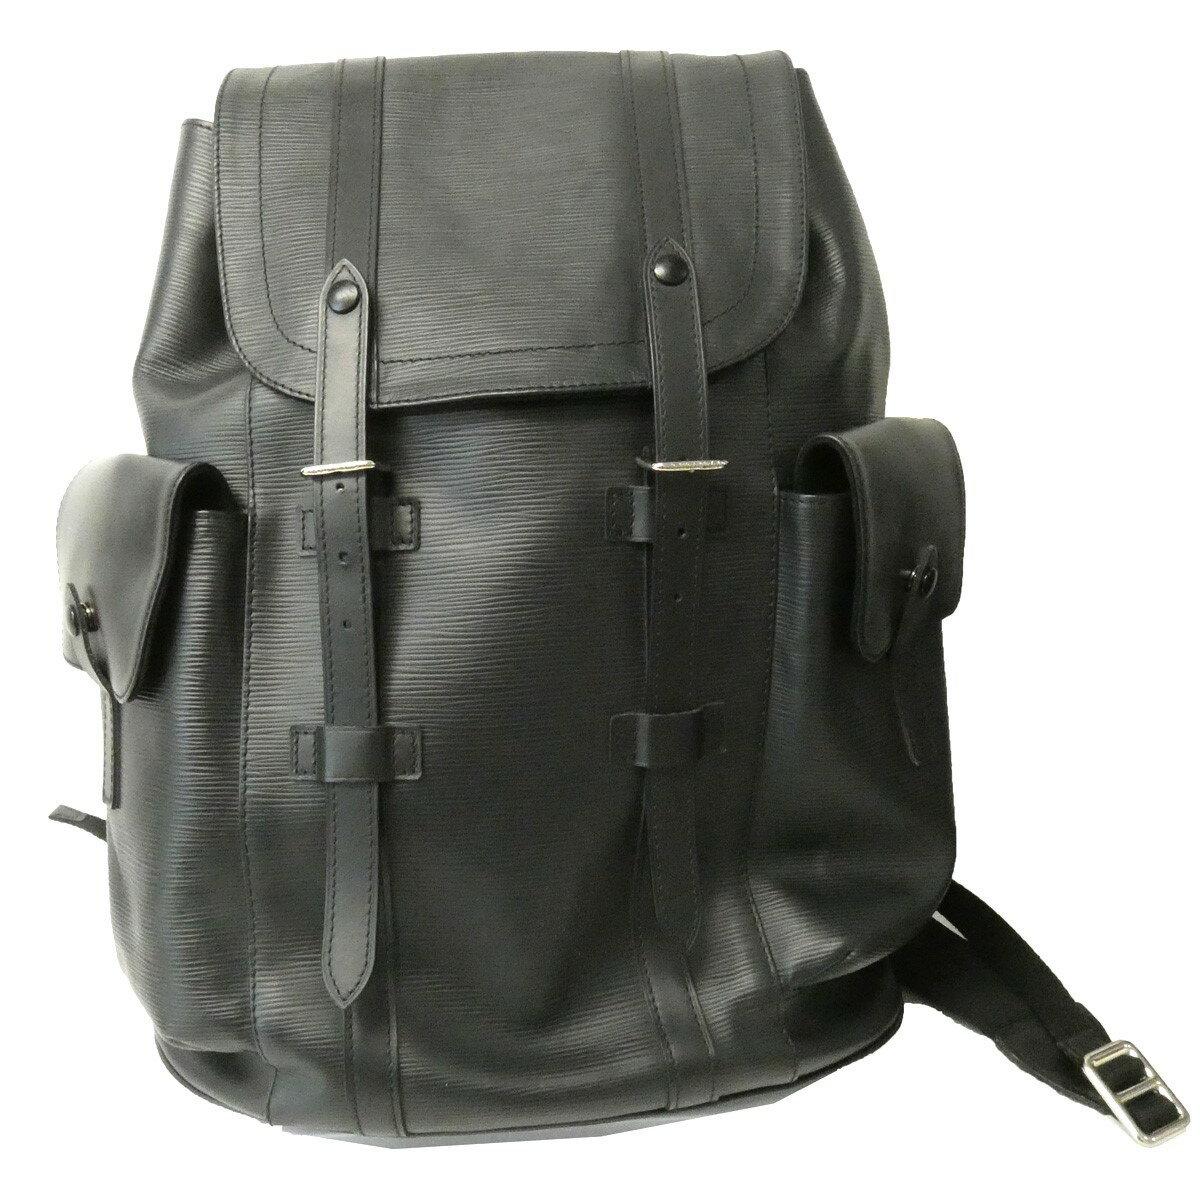 レディースバッグ, バックパック・リュック LOUIS VUITTON PM - 250421